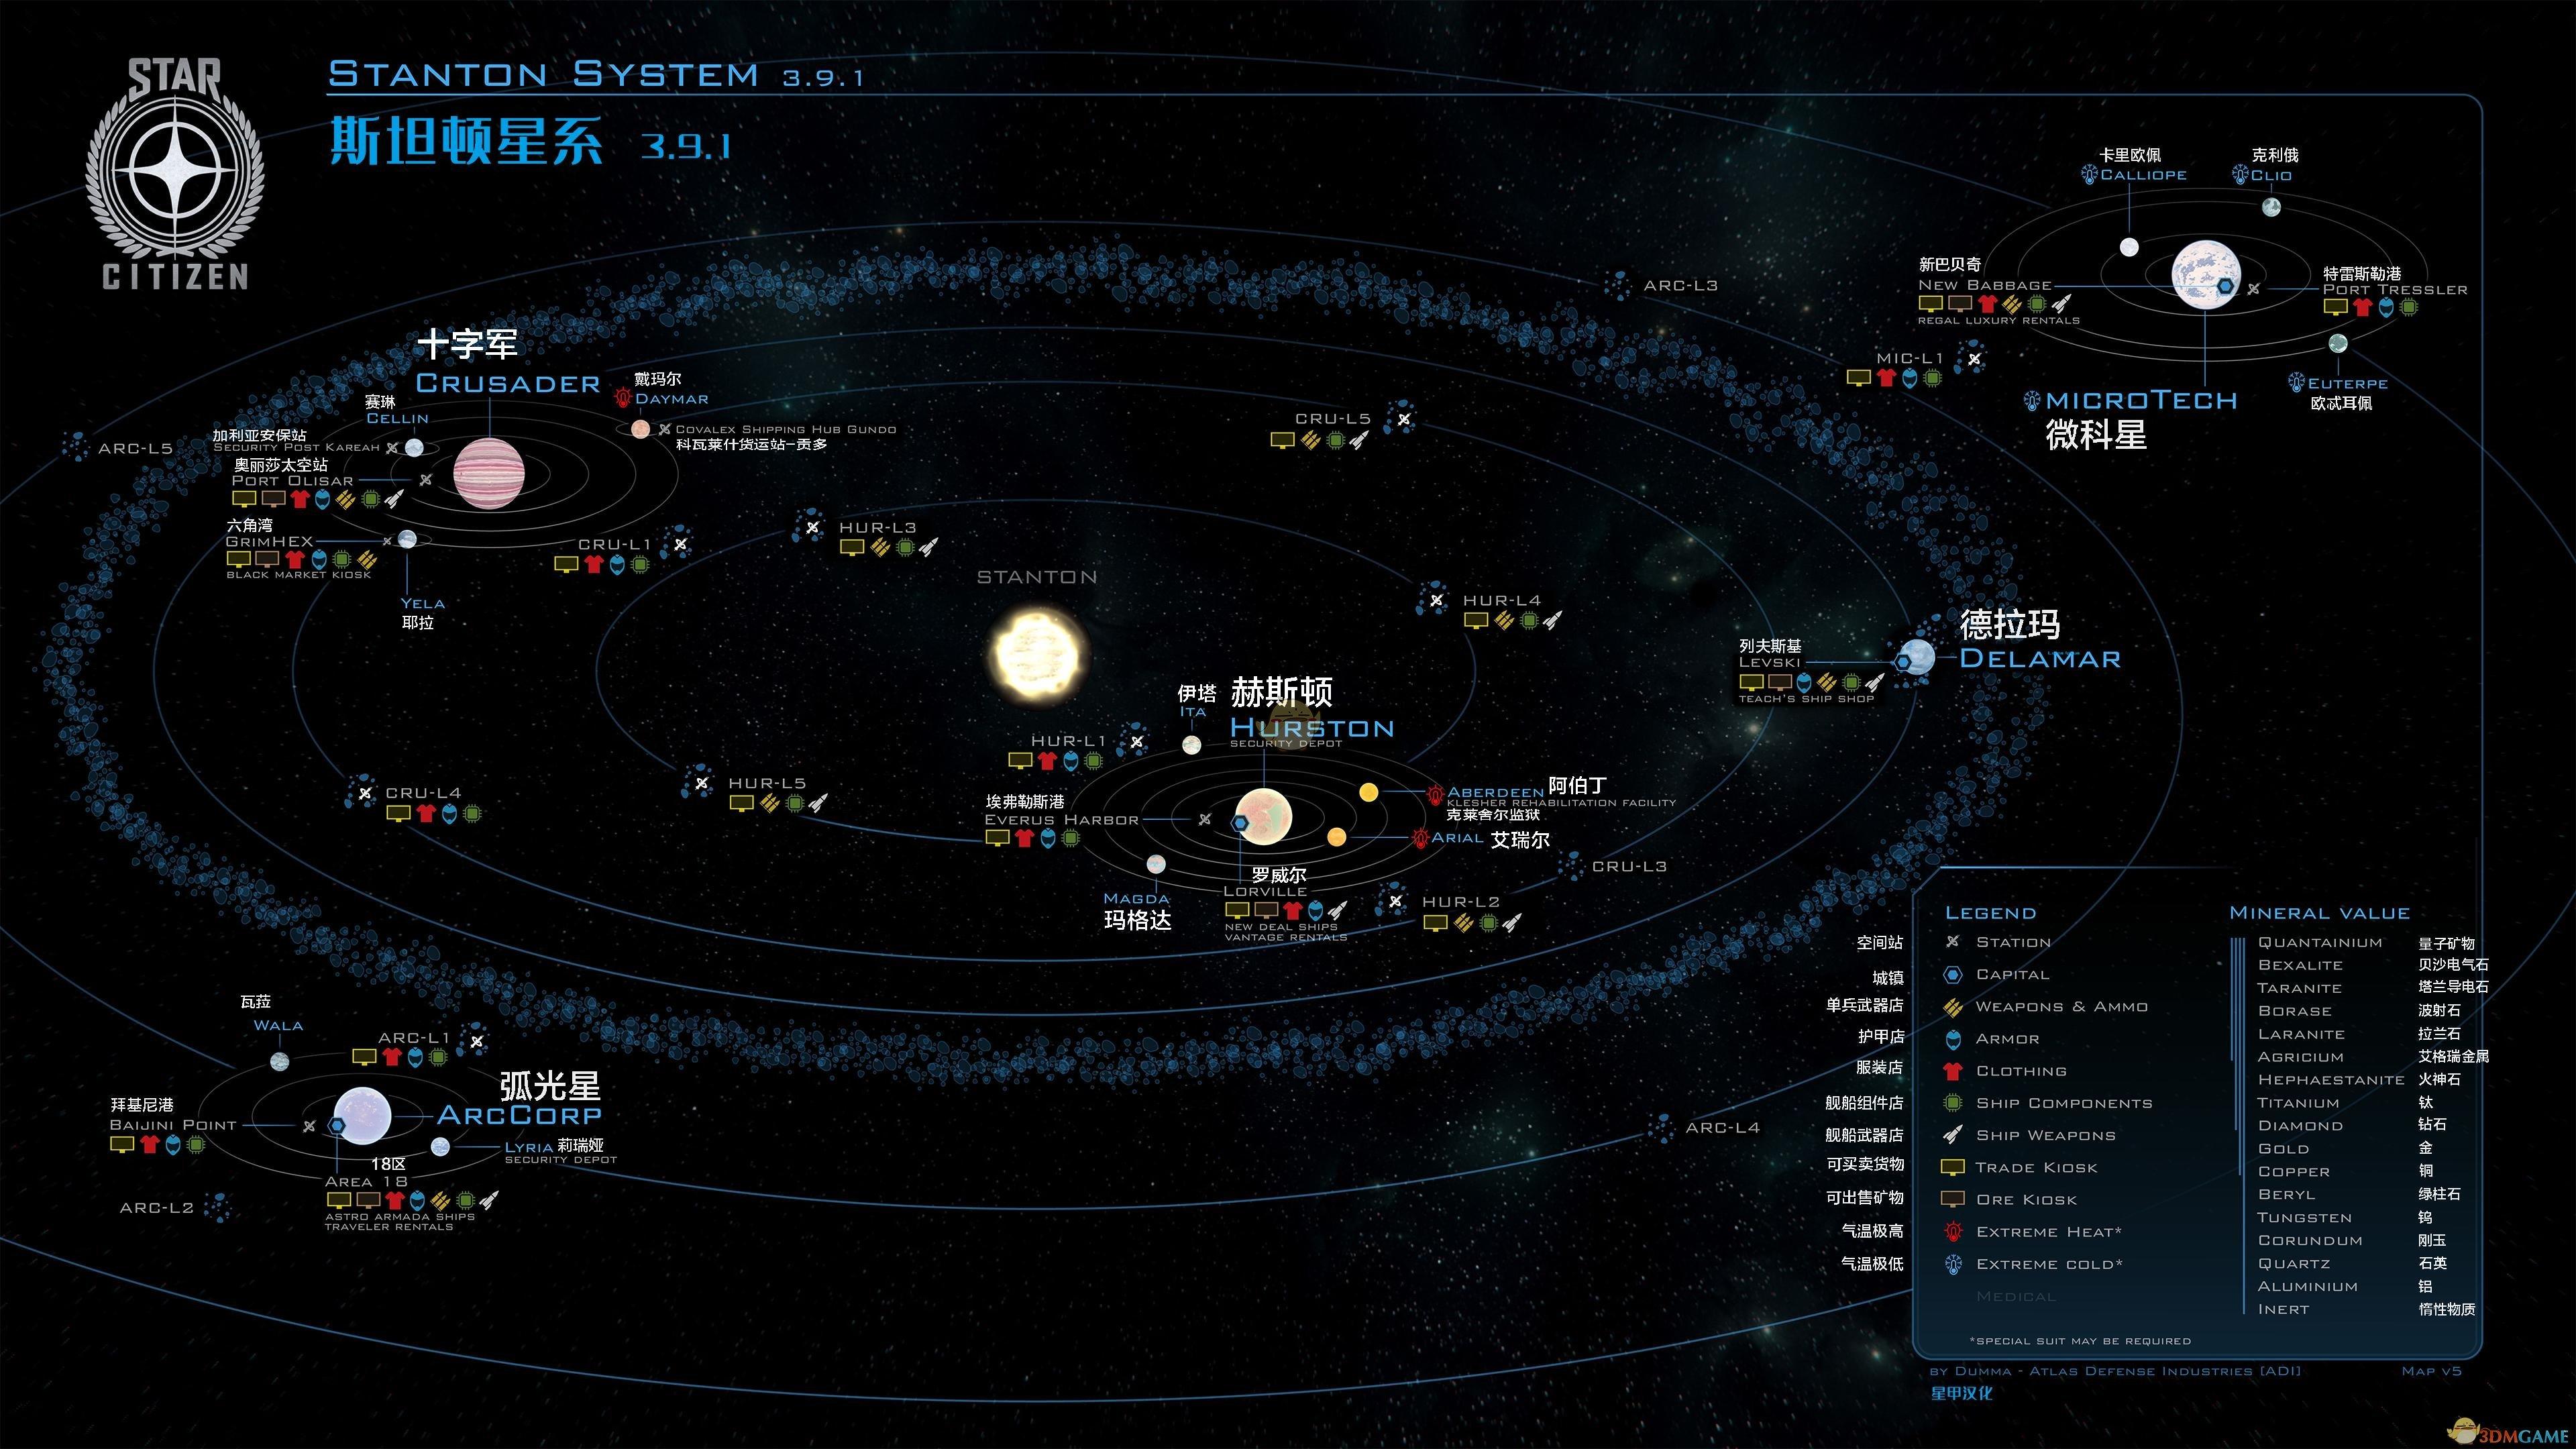 《星际公民》斯坦顿星系星图分享